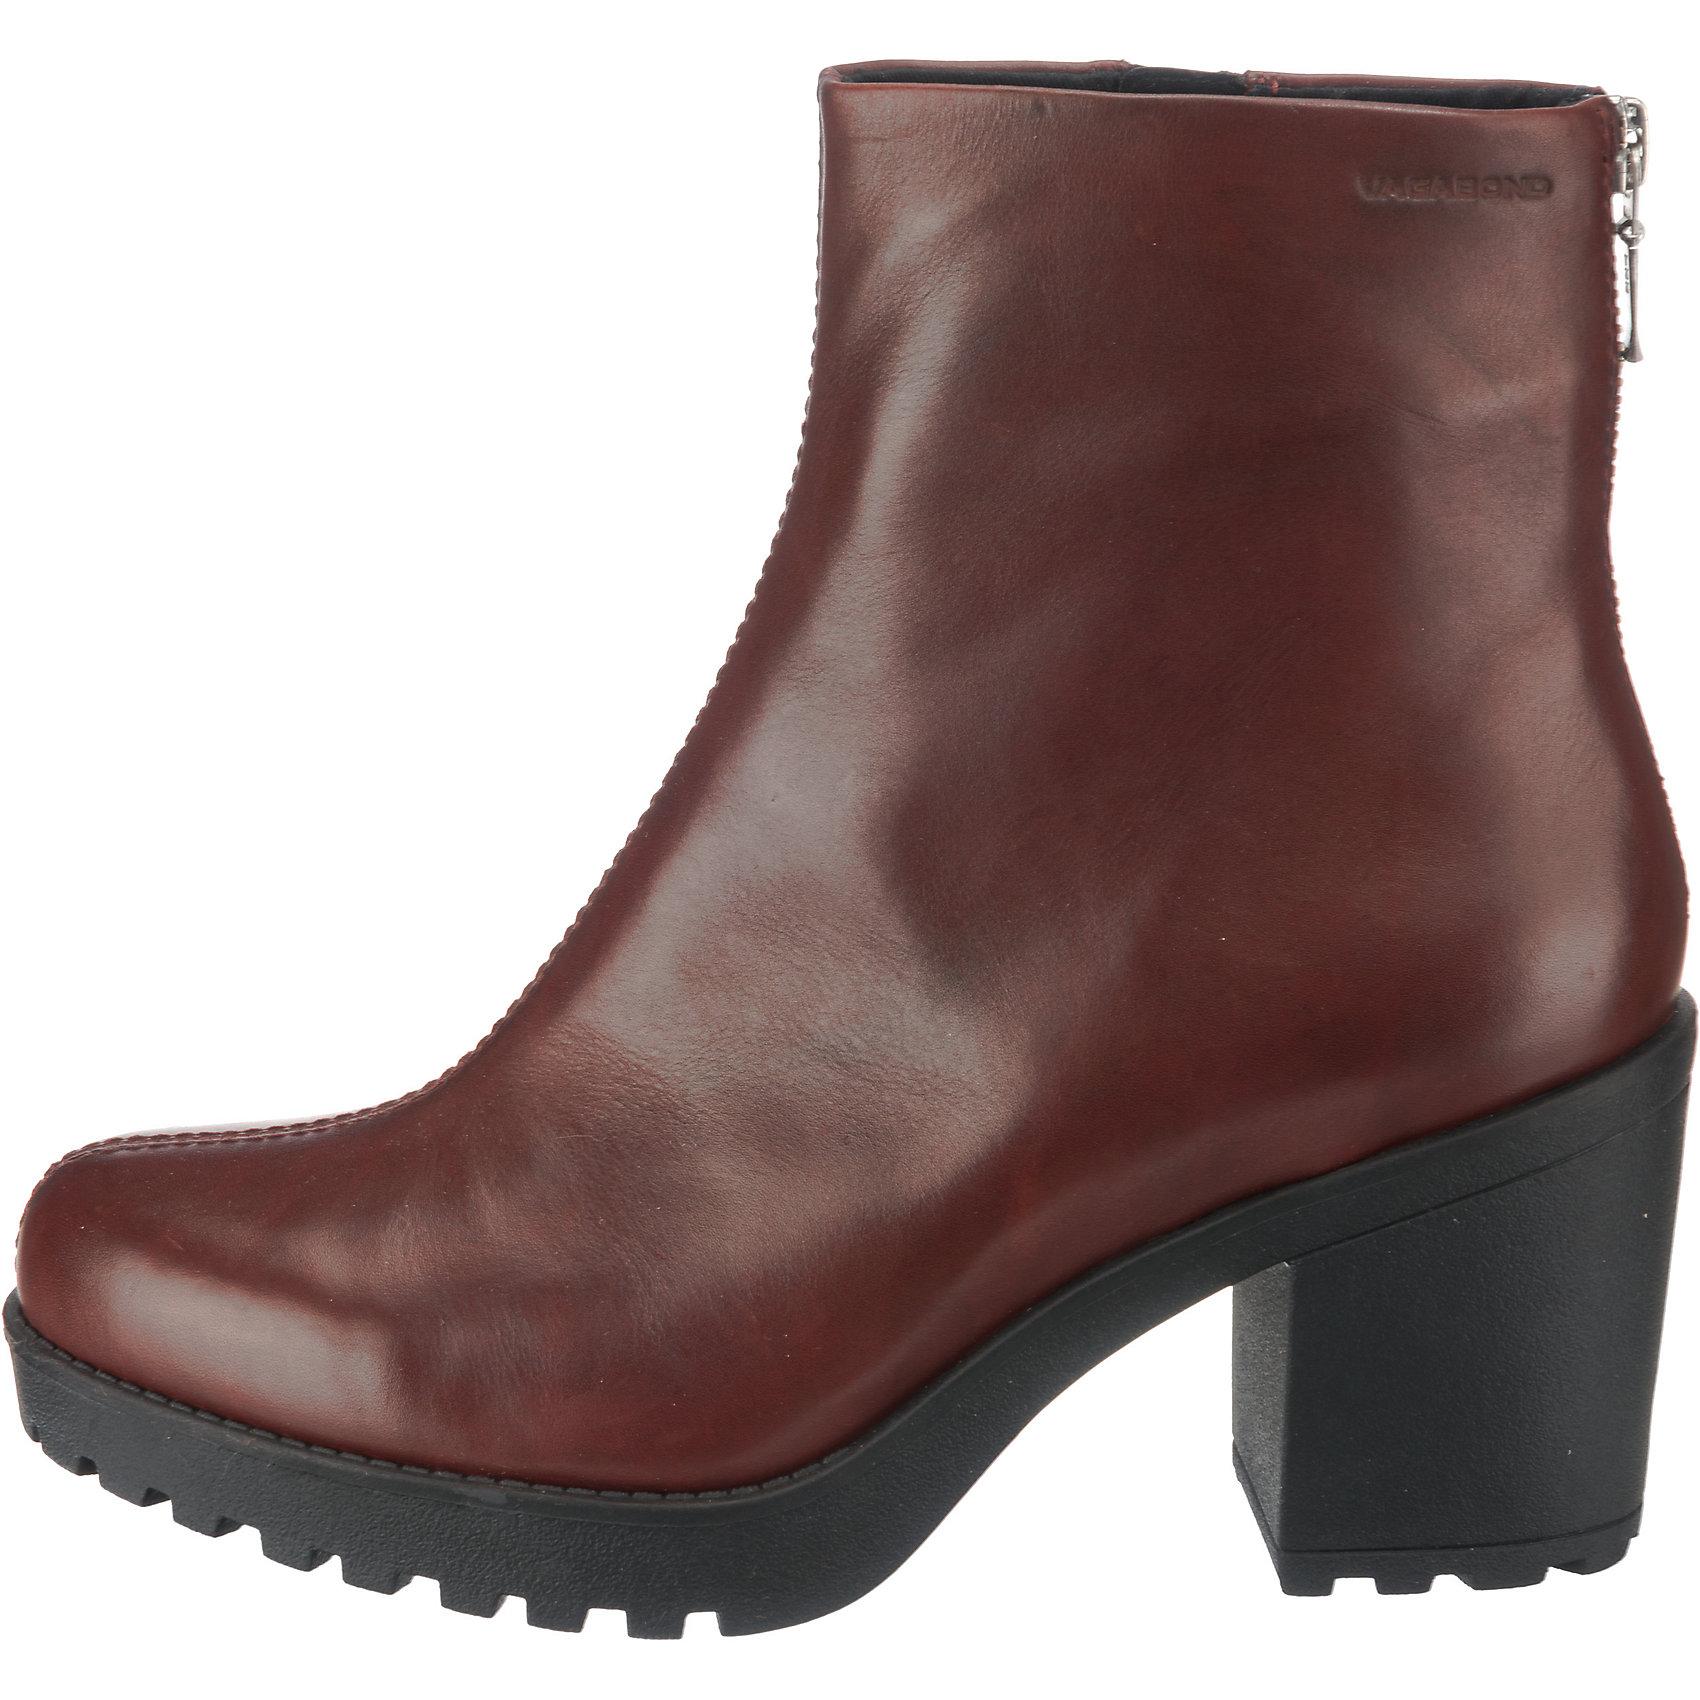 Neu VAGABOND Grace Klassische Stiefeletten 8493598 für Damen Damen Damen 7dd7a9